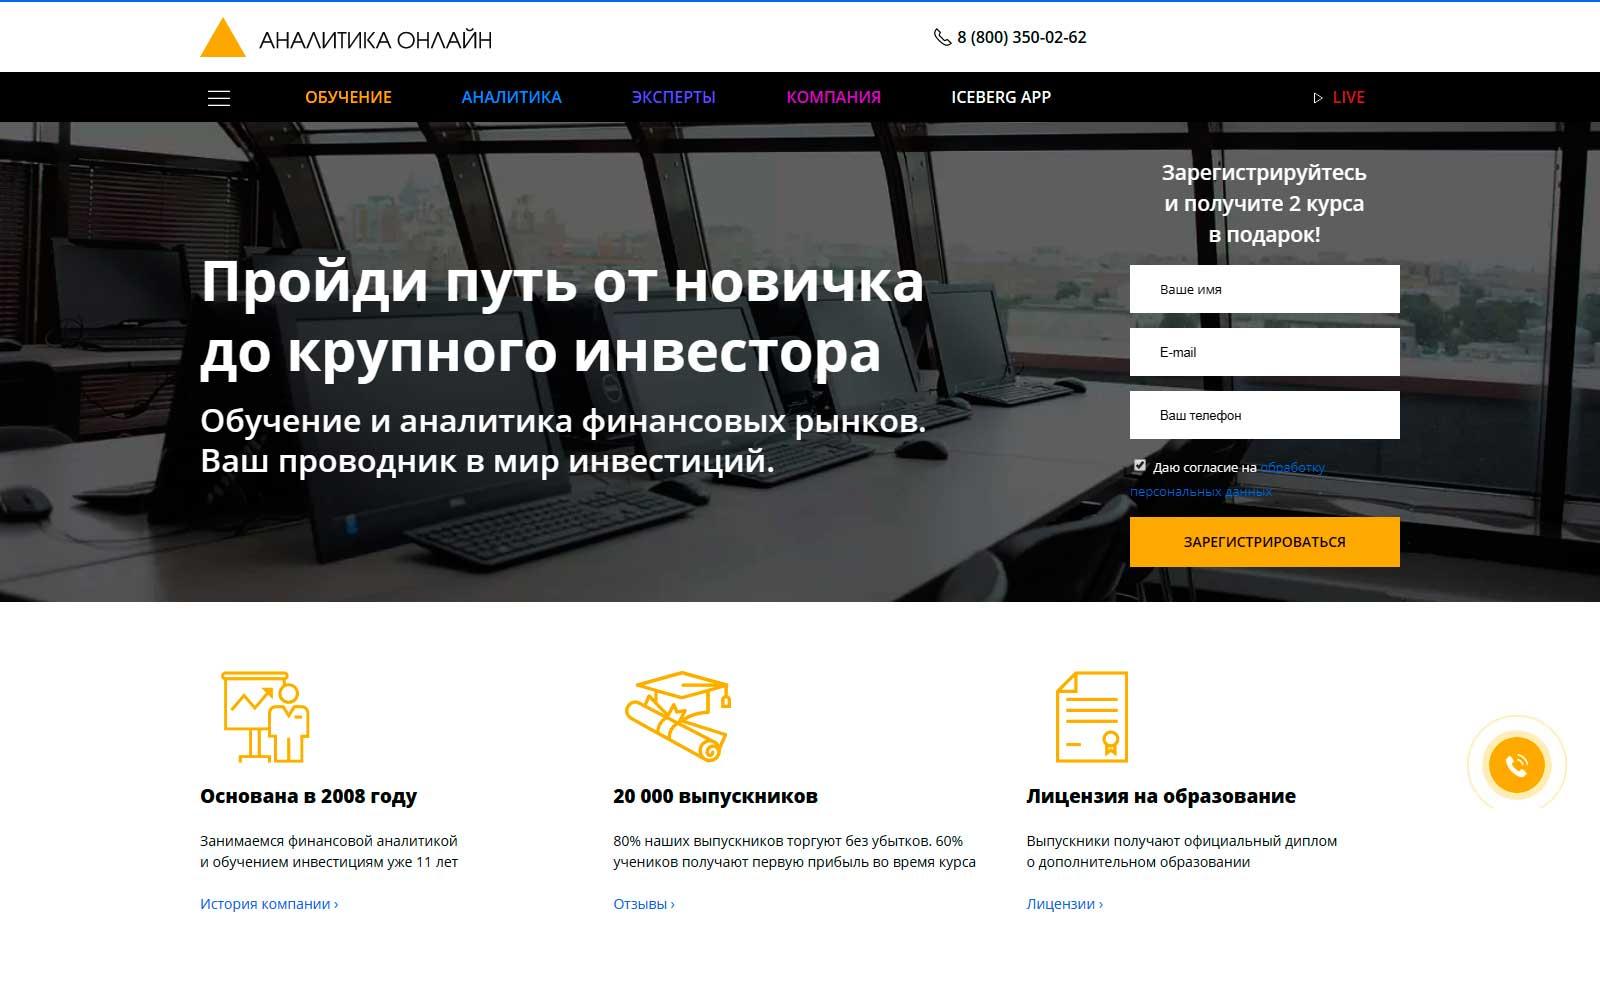 аналитика онлайн официальный сайт